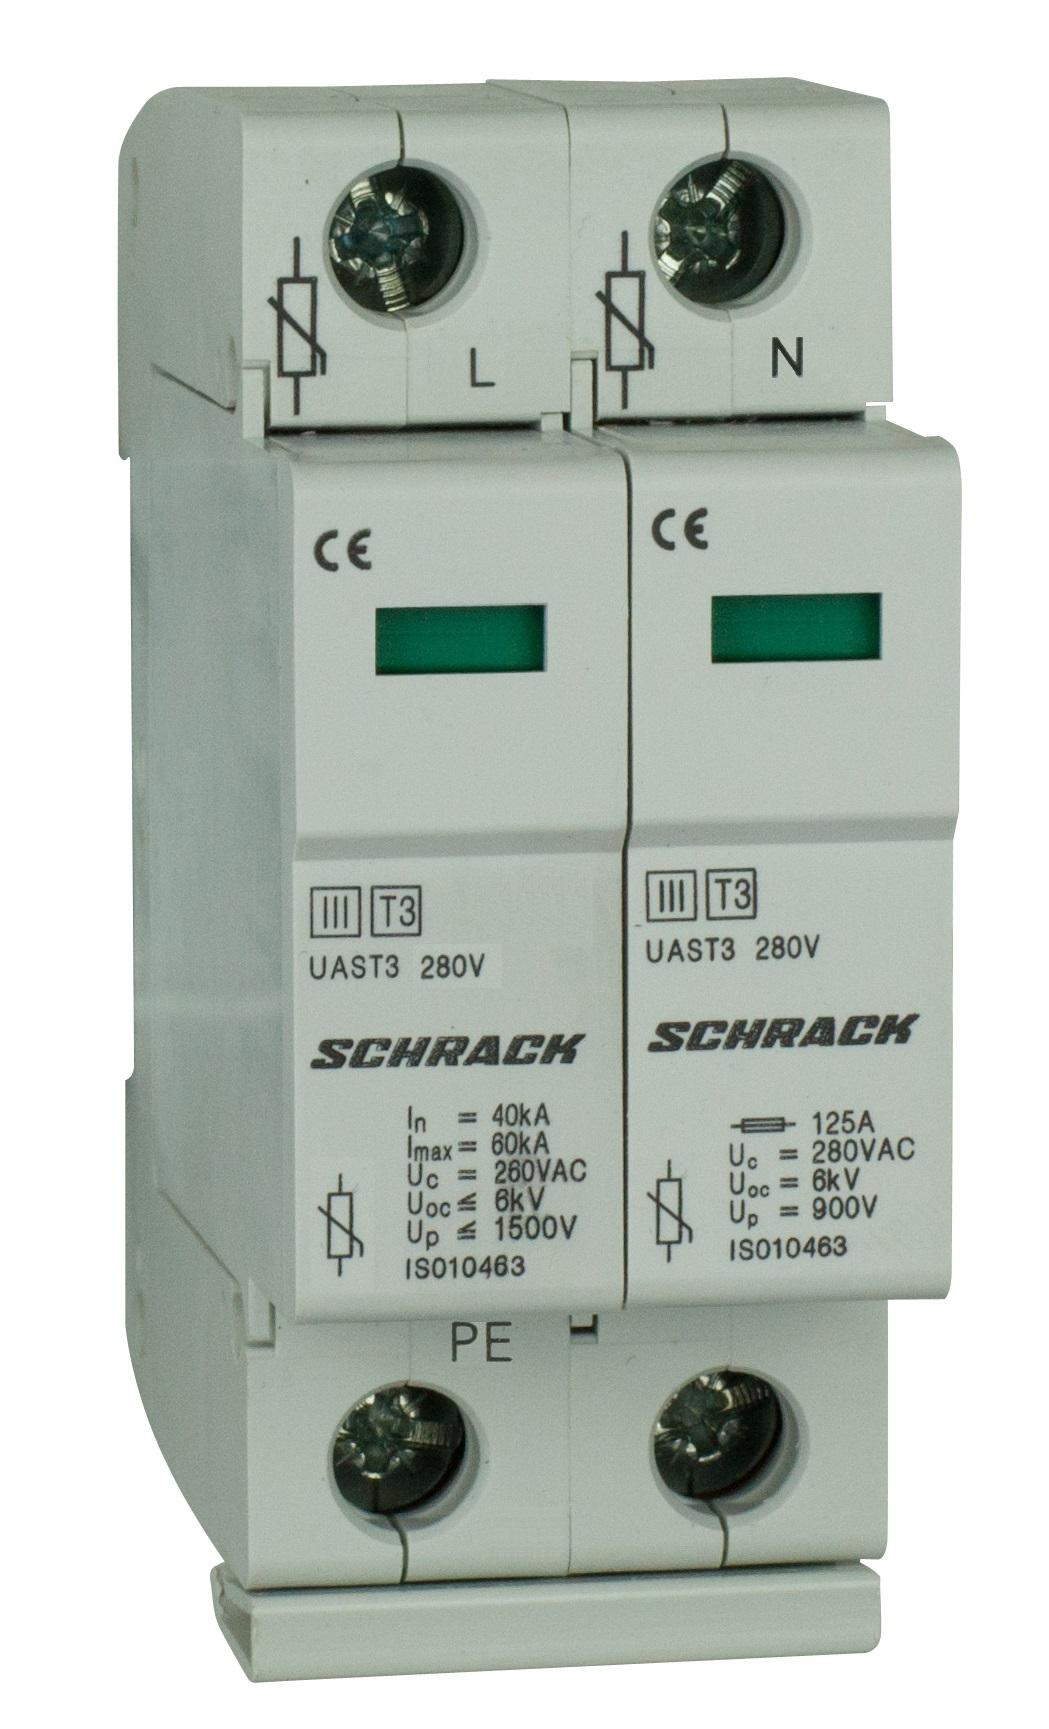 1 Stk T3/D - Ableiter komplett, 2p, 280V - Serie UAS IS010461--